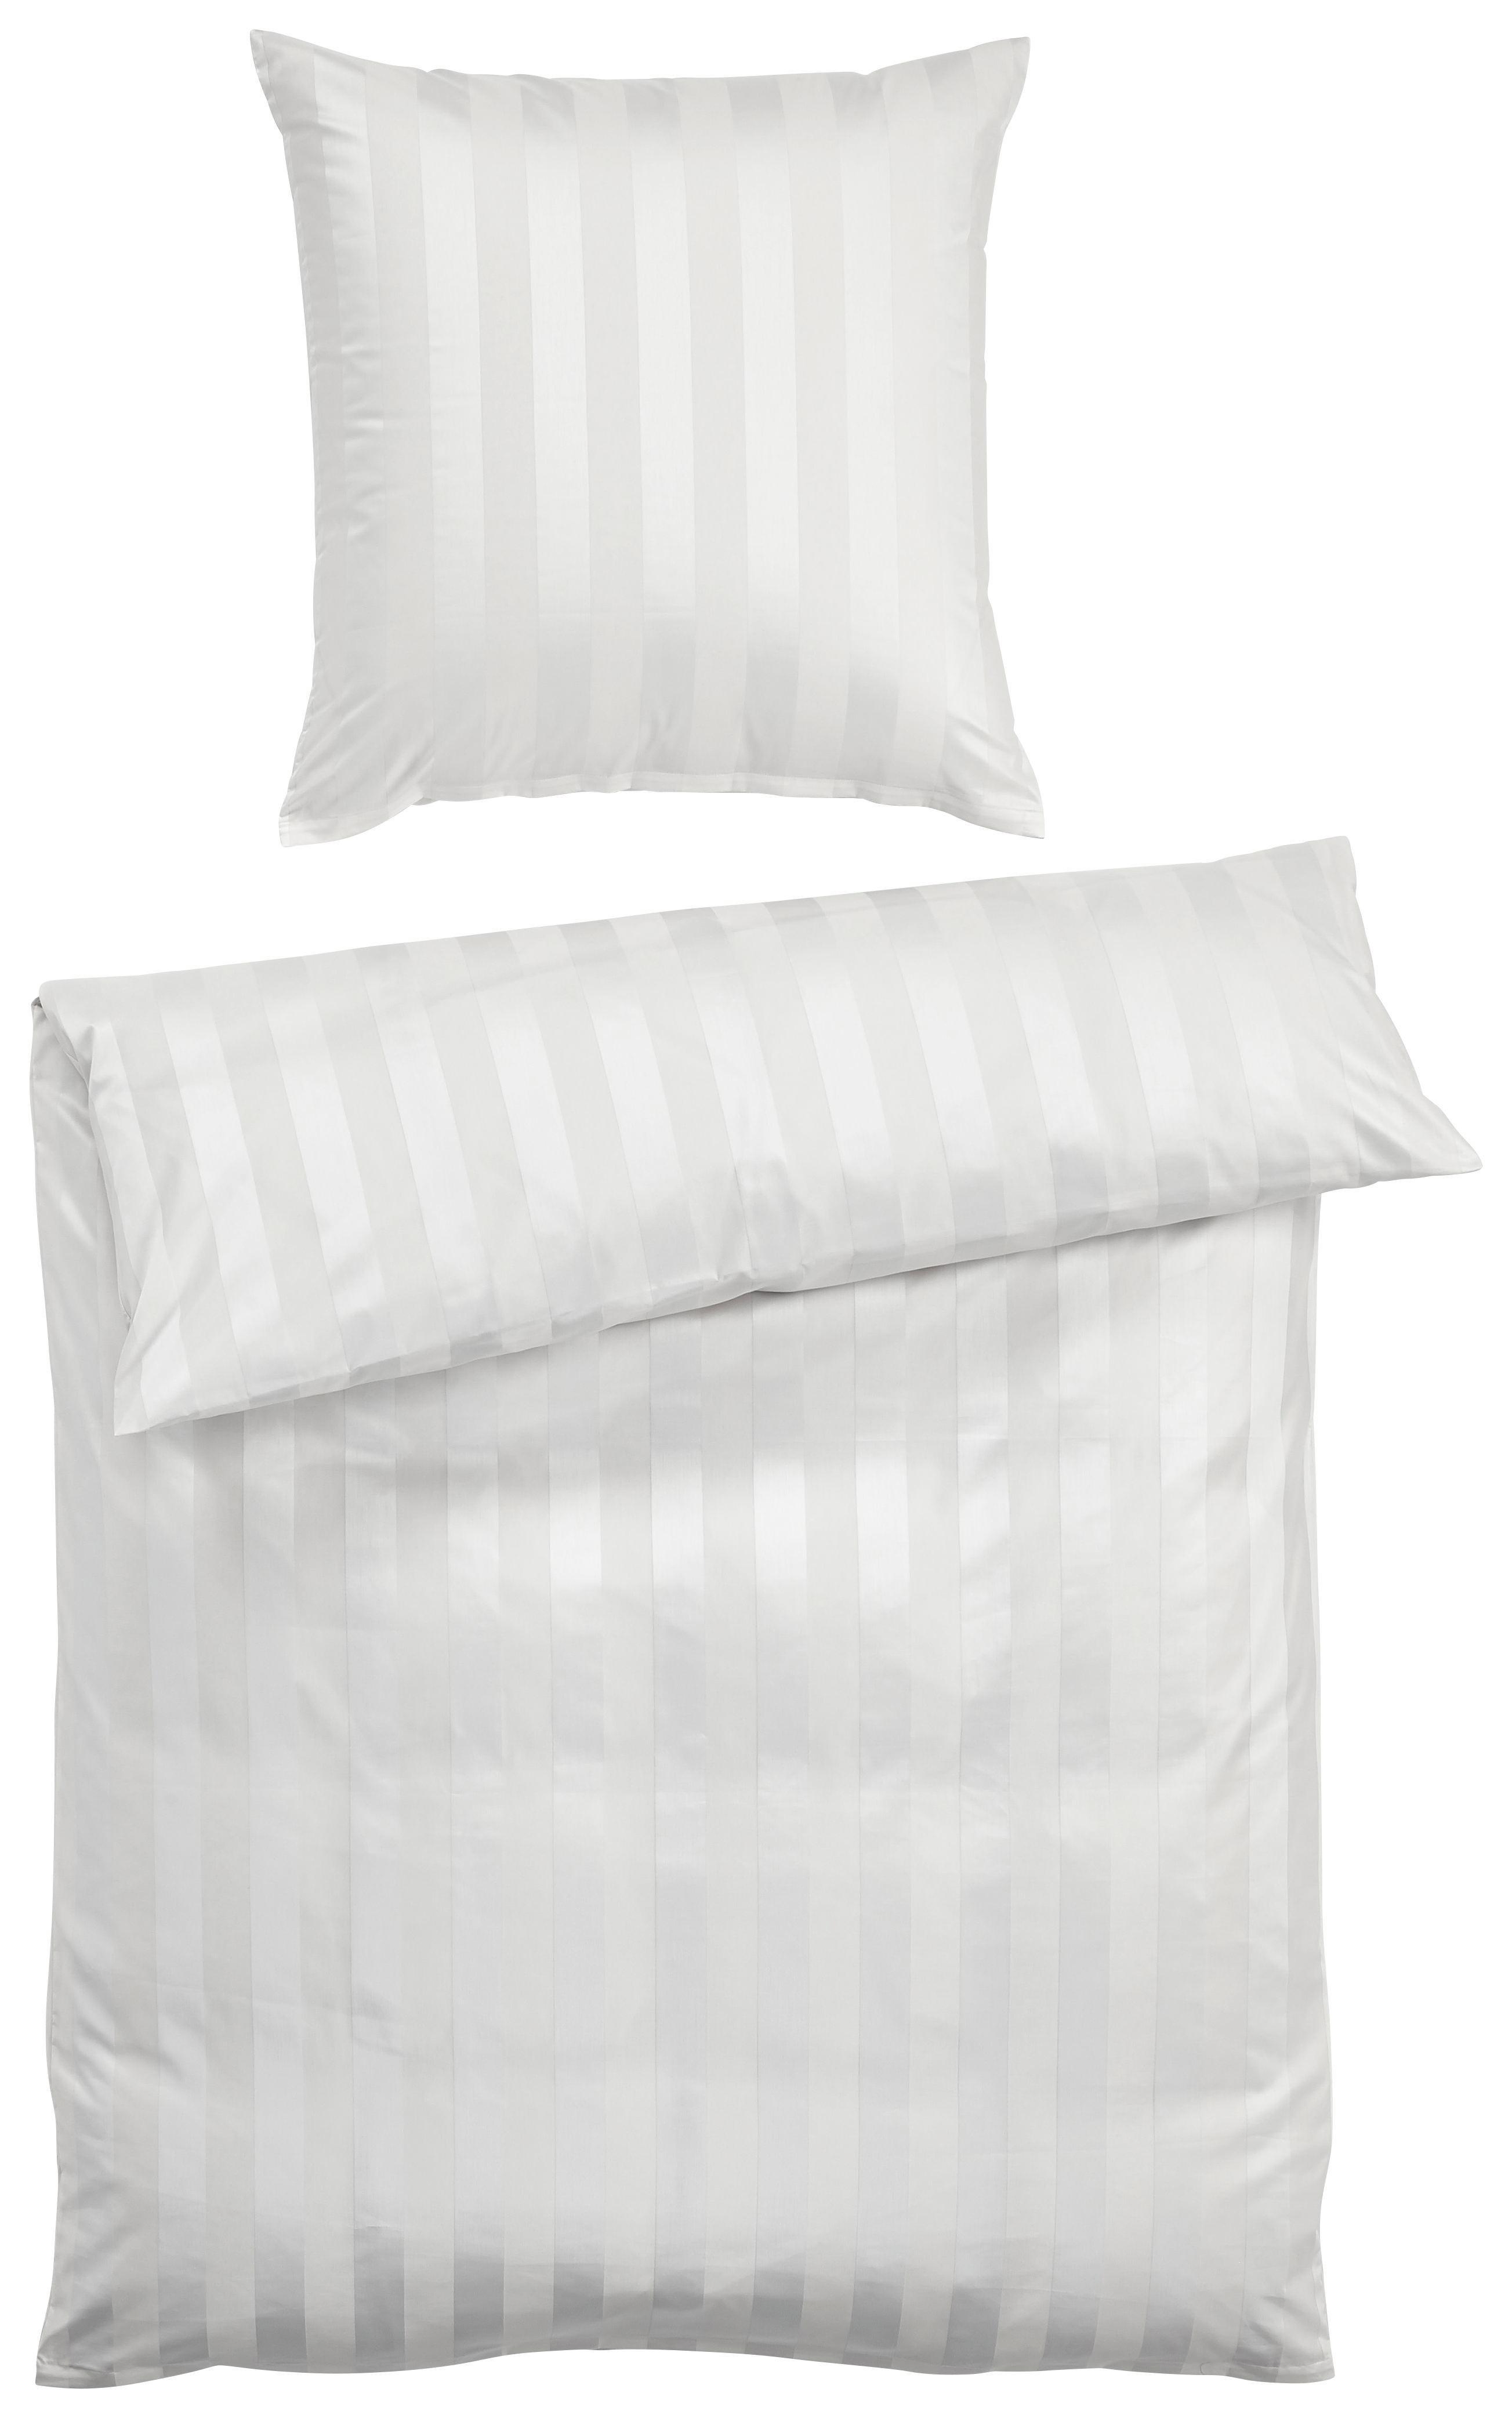 BETTWÄSCHE Weiß 135/200 cm - Weiß, Basics, Textil (135/200cm)